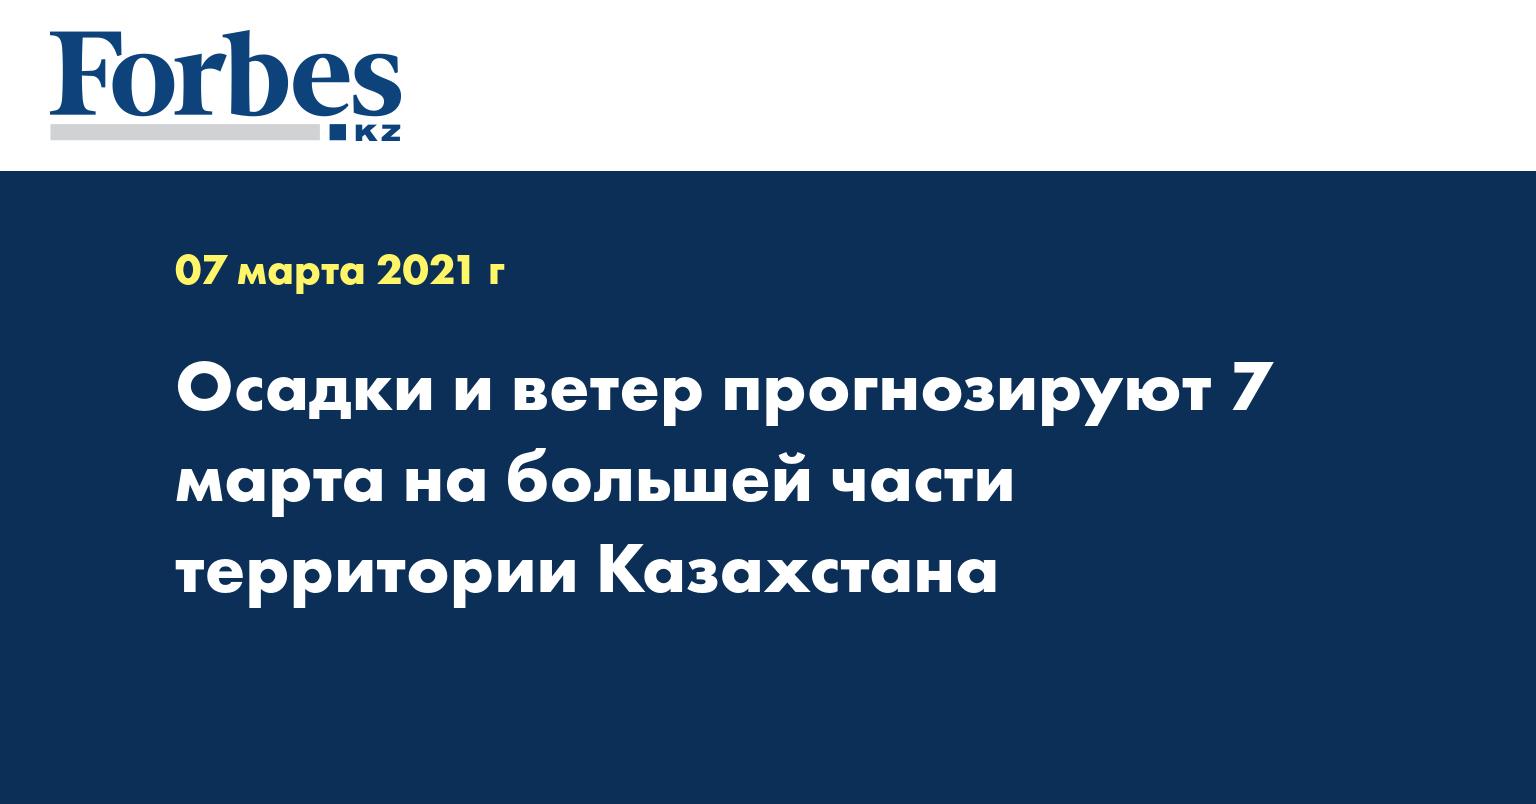 Осадки и ветер прогнозируют 7 марта на большей части территории Казахстана